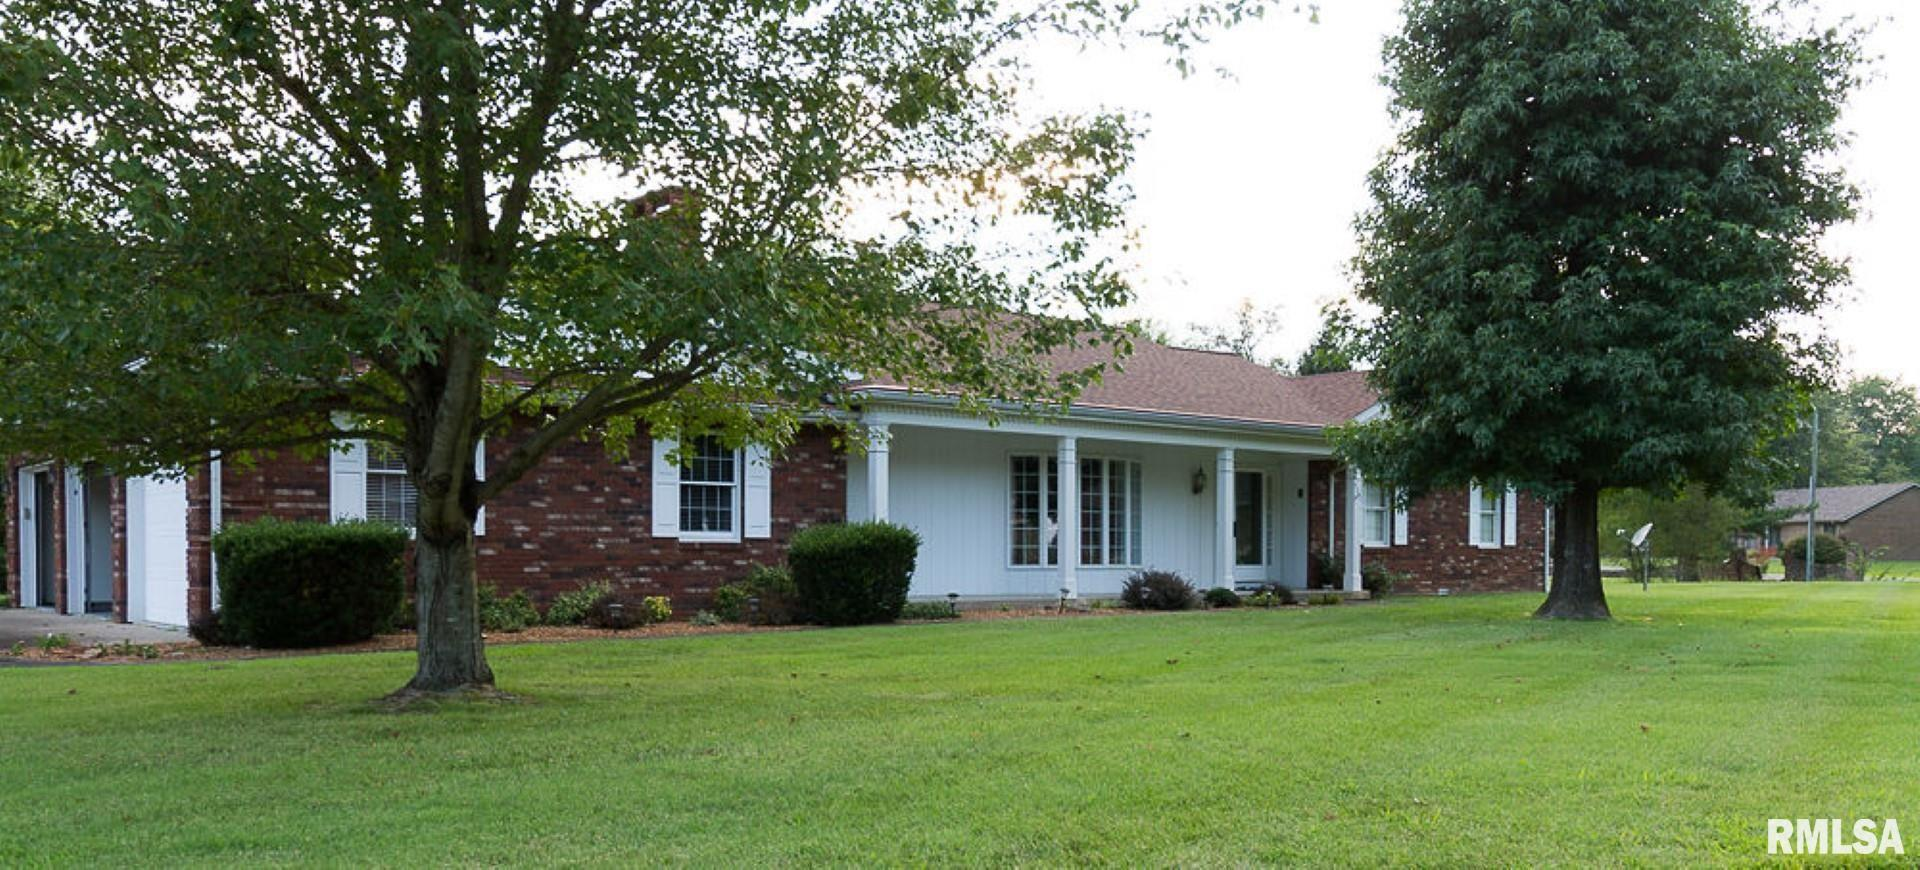 405 E Reichert Drive Property Photo 1